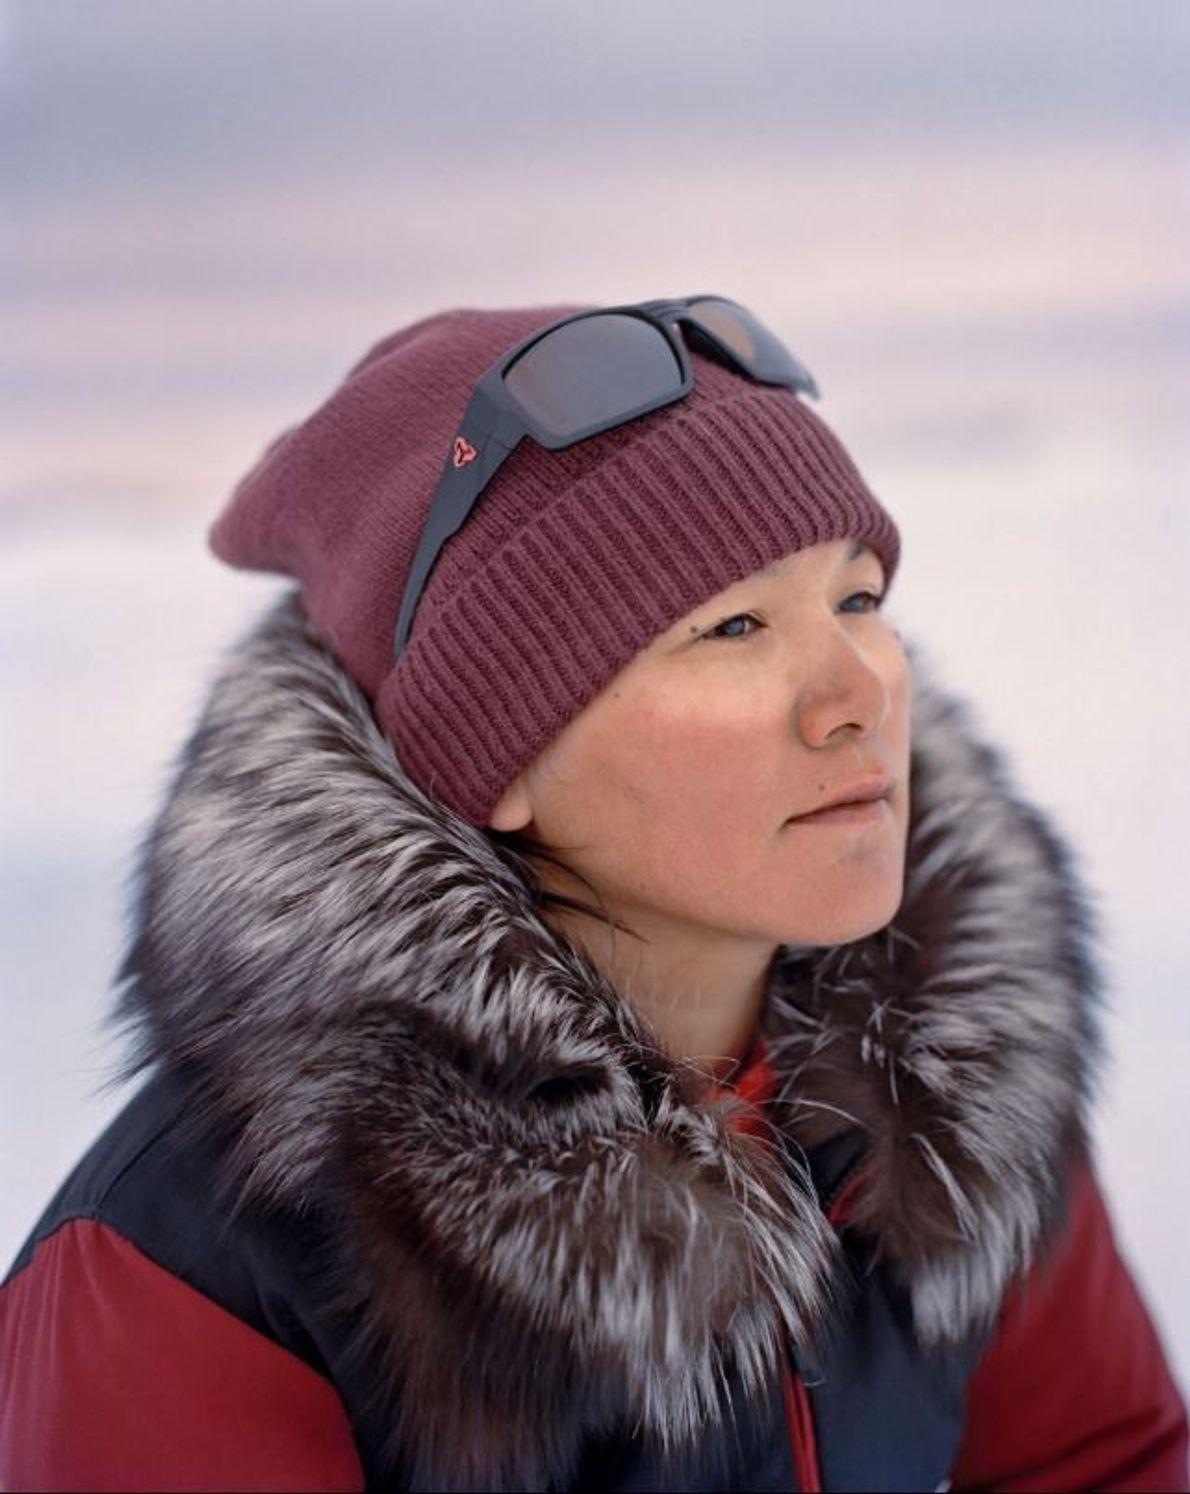 Âgée de 30 ans, Marie Naqitarvik n'a pas totalement reçu les enseignements liés à la chasse ...